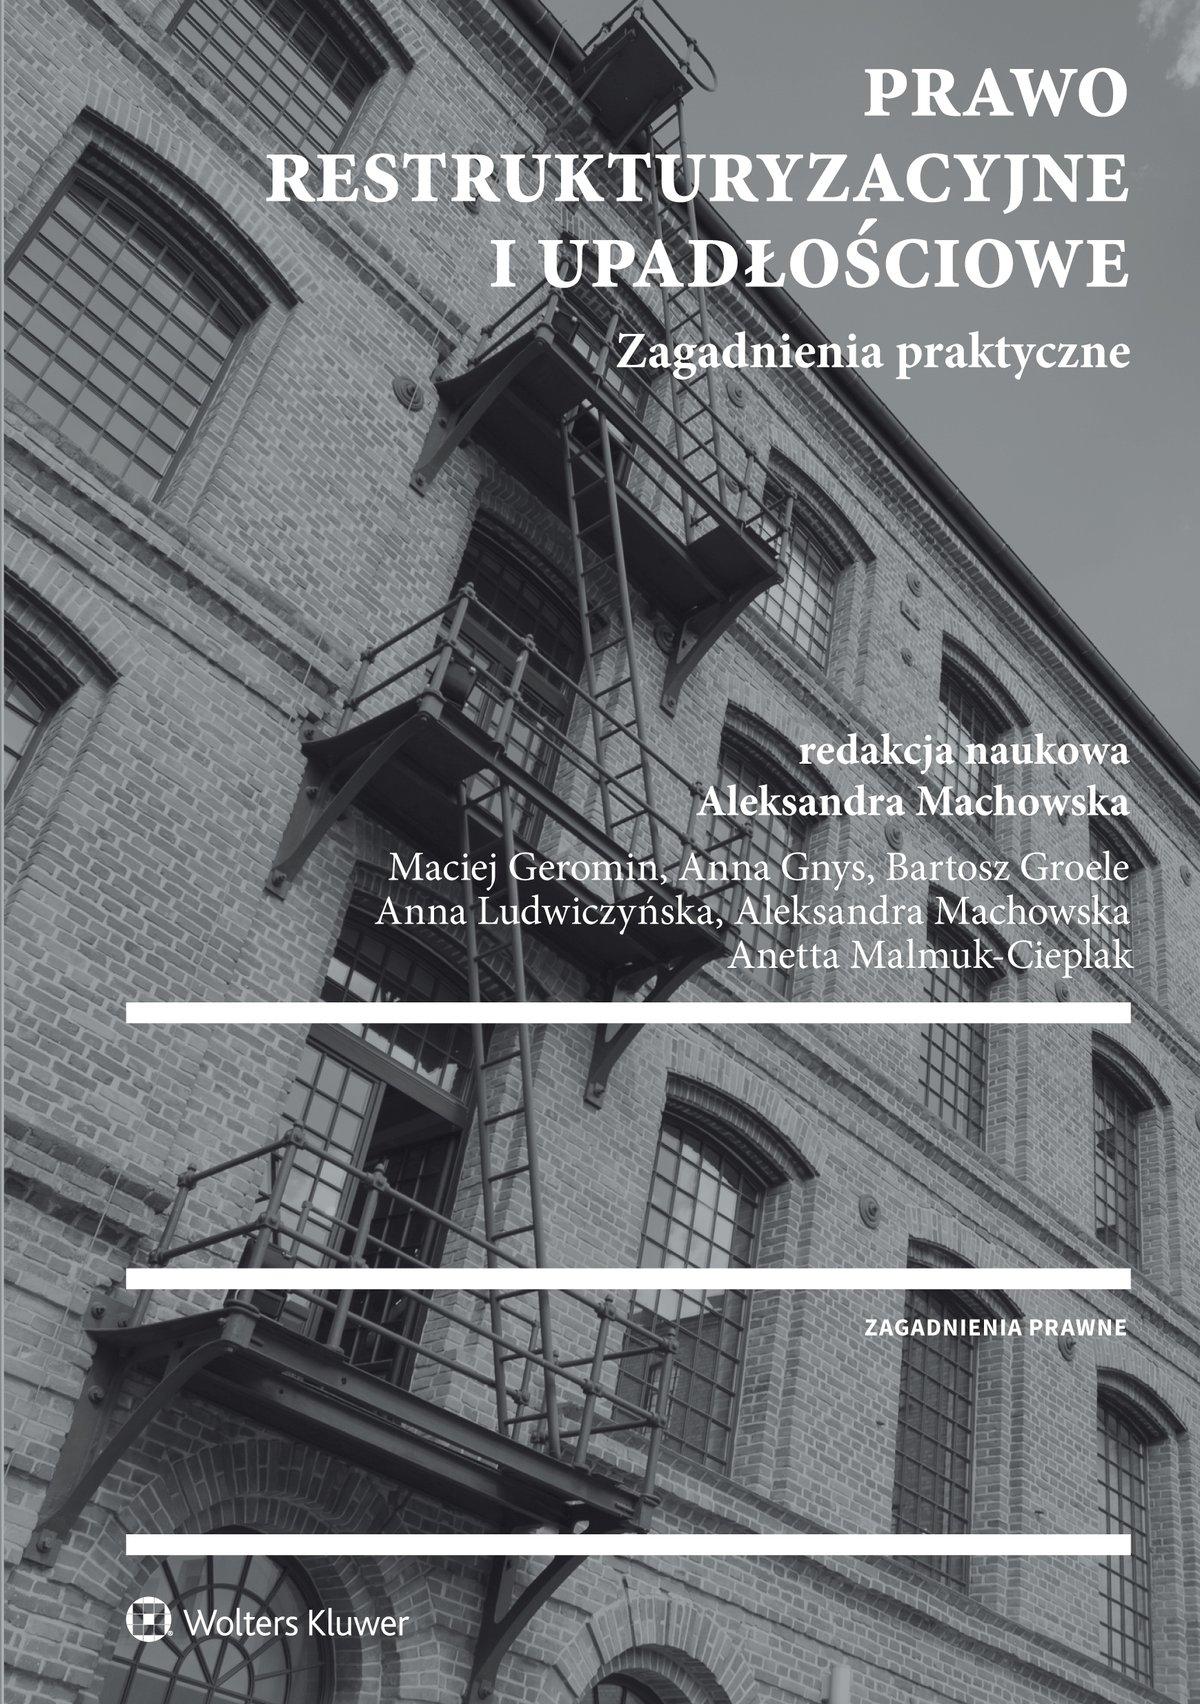 Prawo restrukturyzacyjne i upadłościowe. Zagadnienia praktyczne - Ebook (Książka PDF) do pobrania w formacie PDF